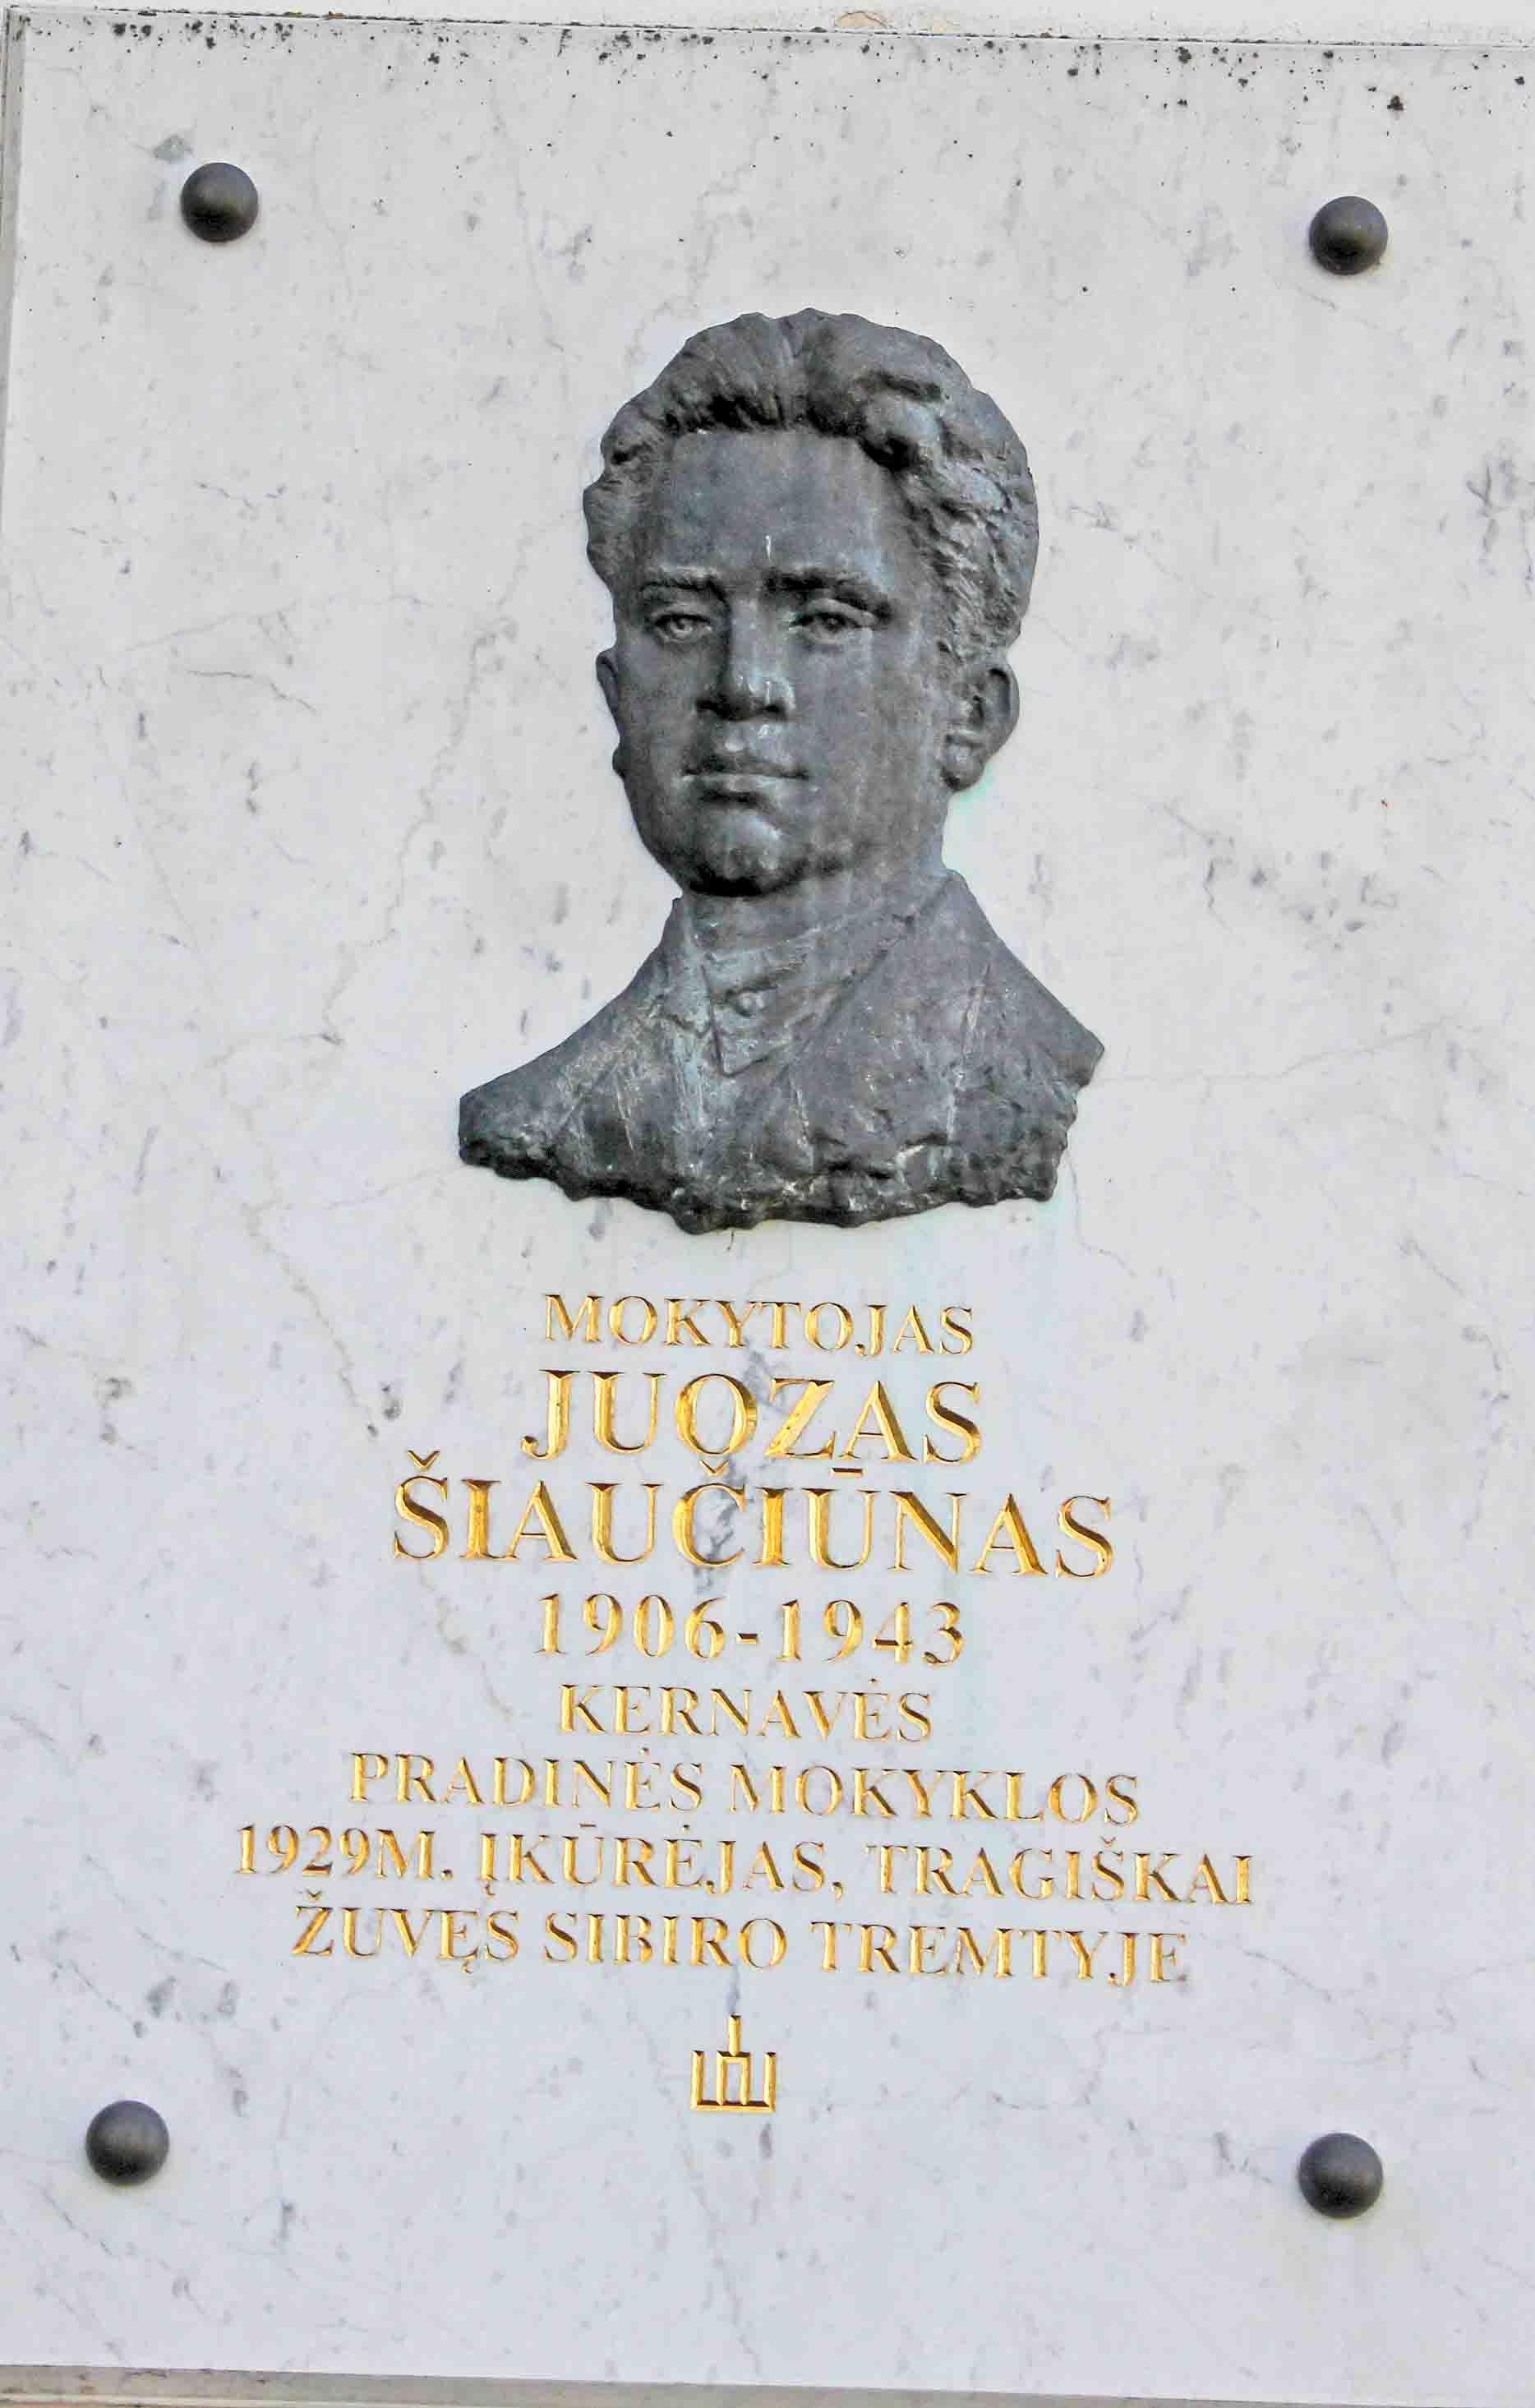 Memorialinė lenta mokytojo tremtinio Juozo Šiaučiūno atminimui | voruta.lt nuotr.